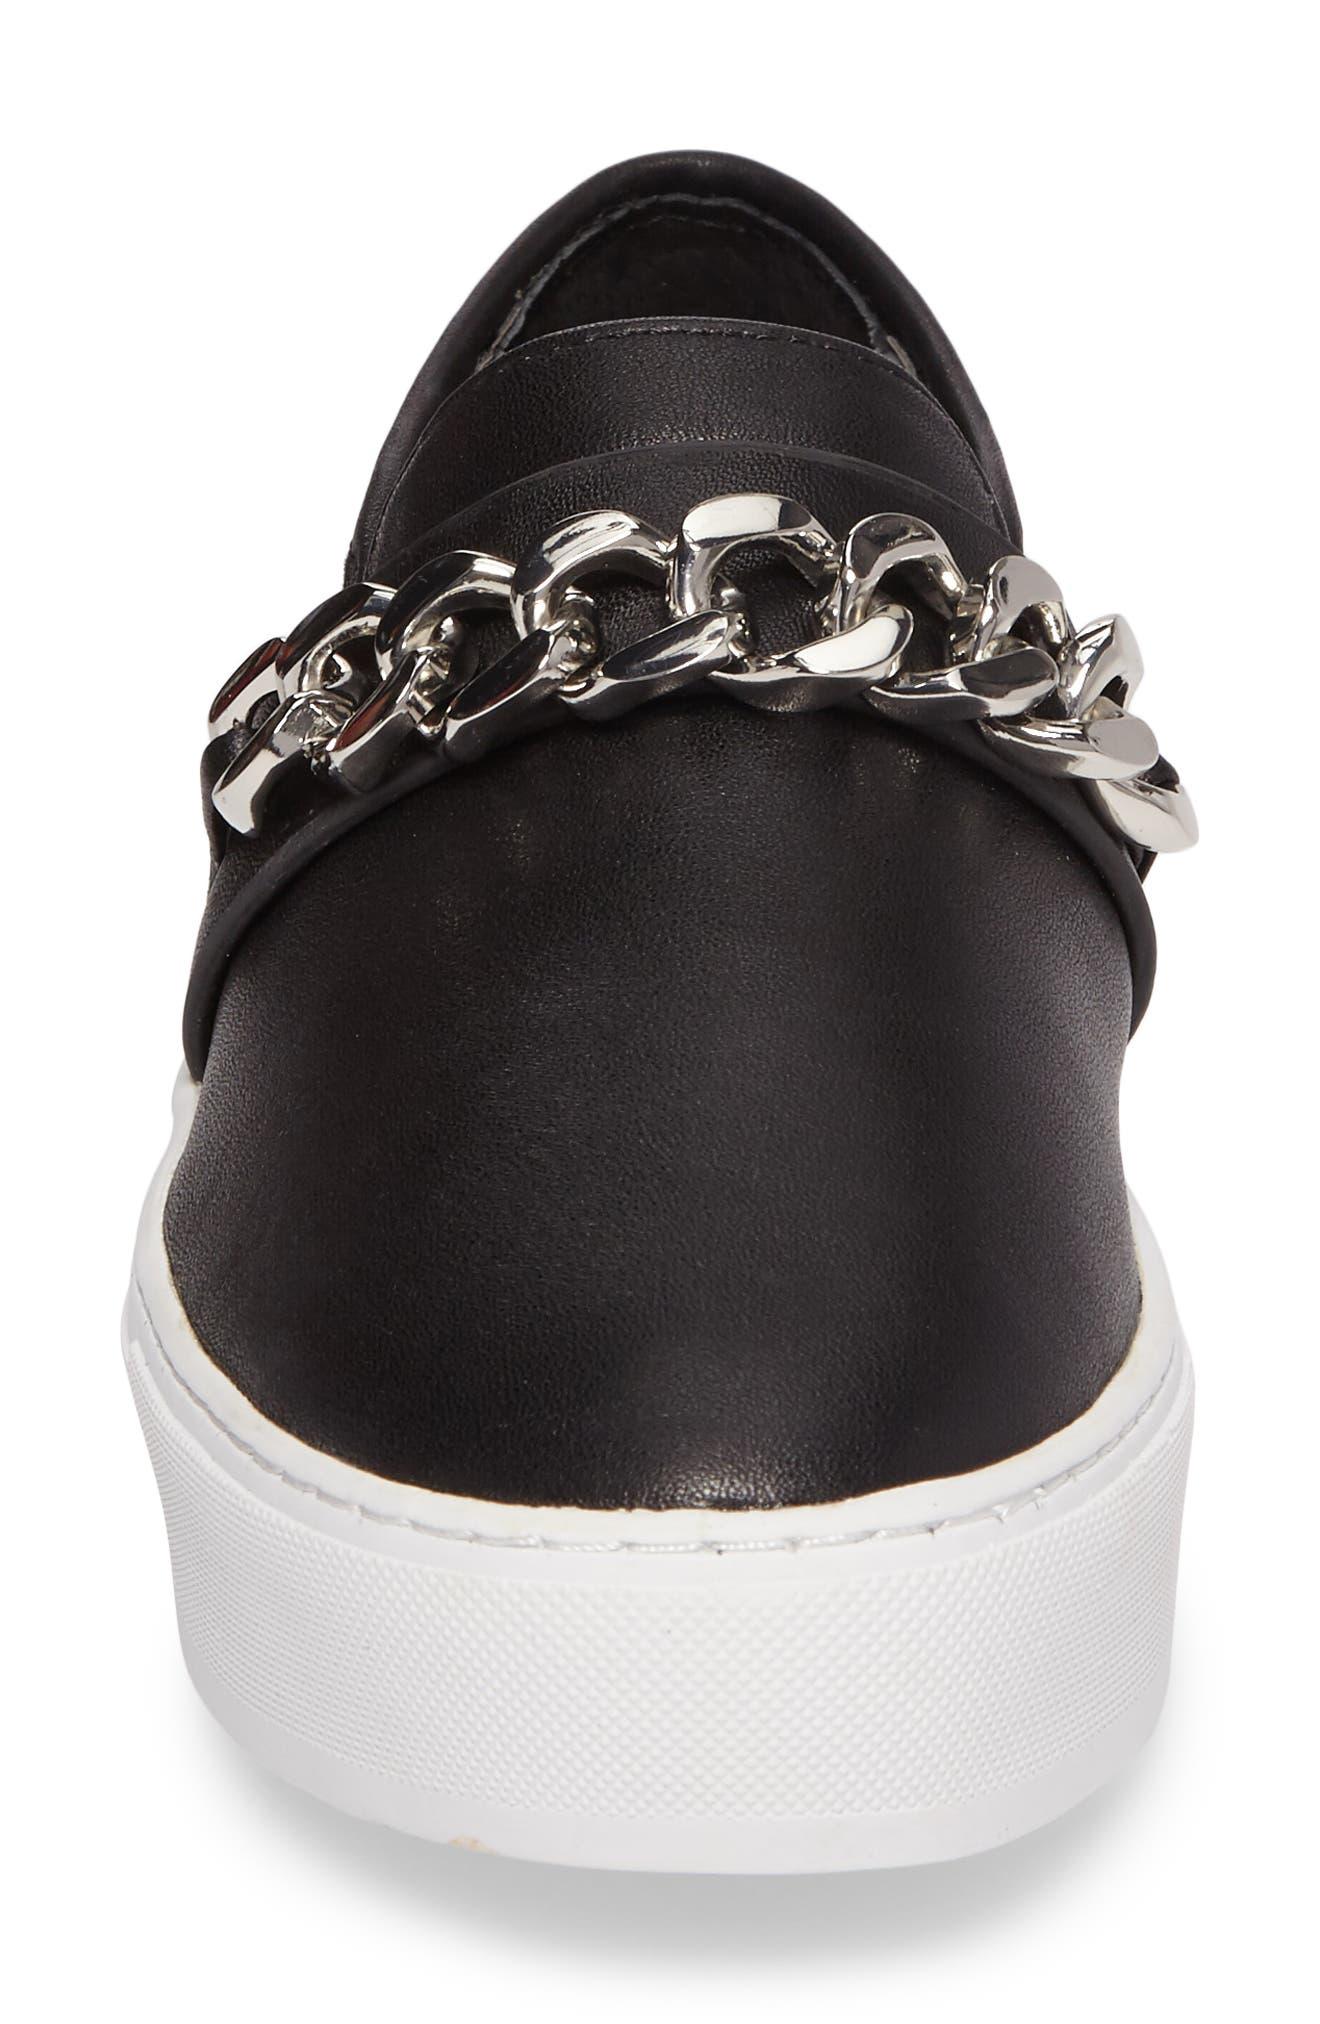 Nala Slip-On Sneaker,                             Alternate thumbnail 4, color,                             001